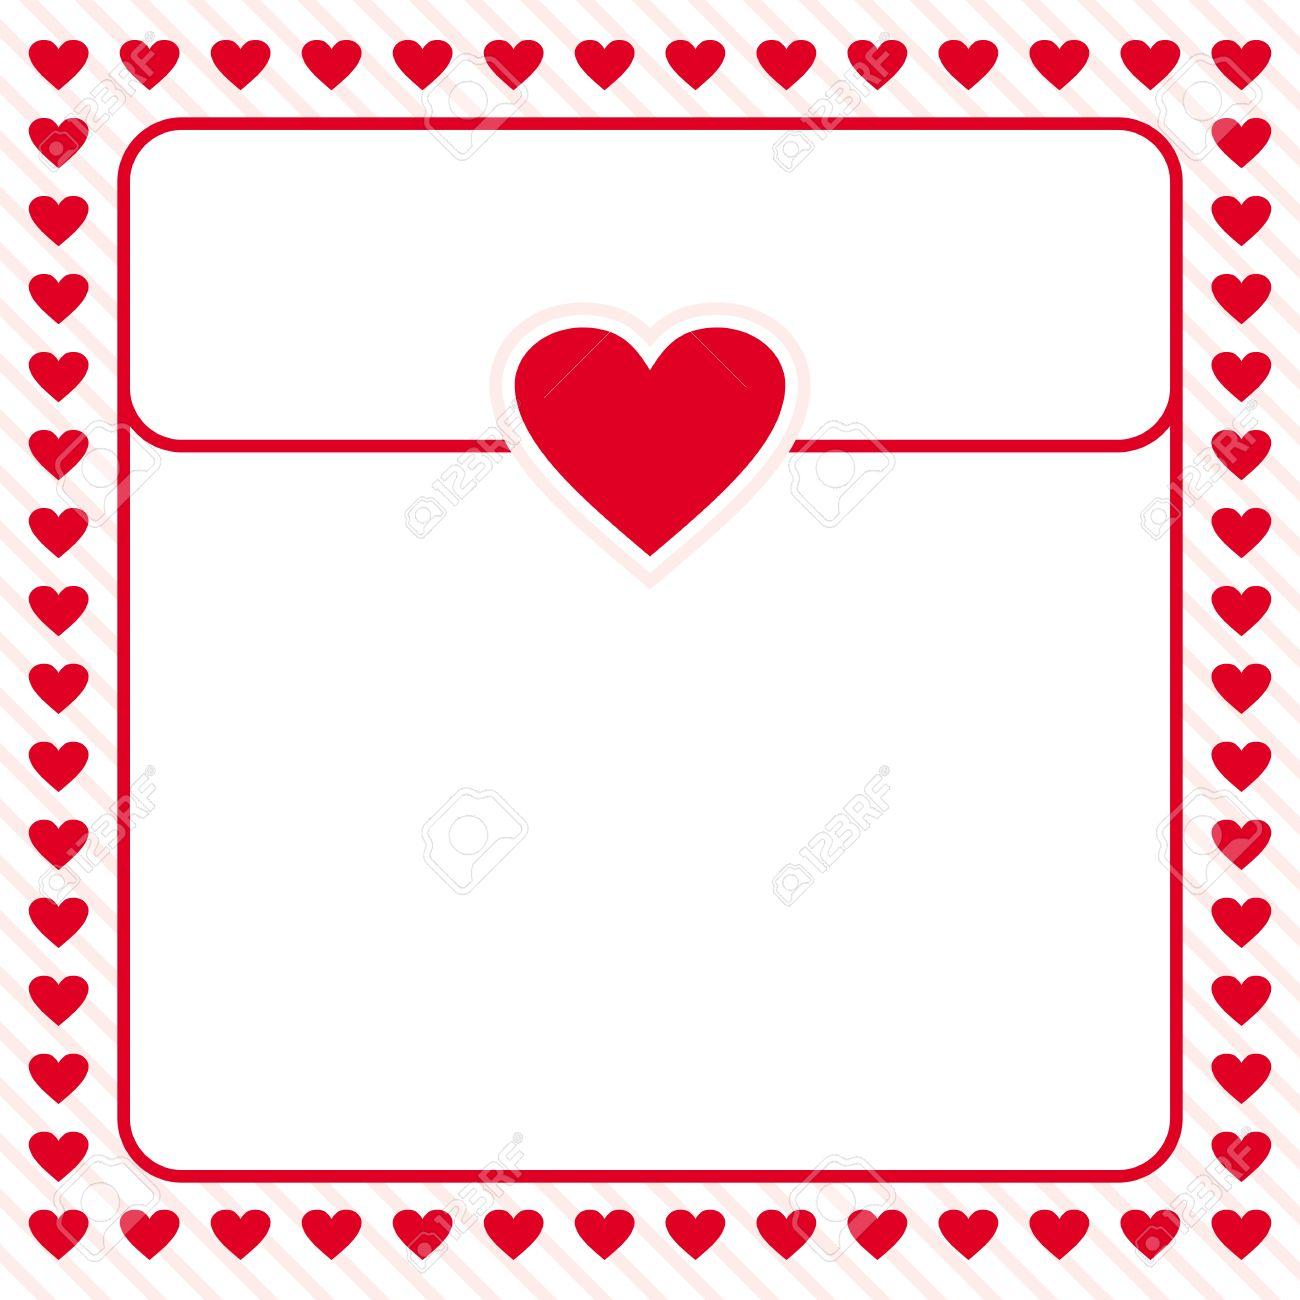 Diseño Rojo Del Corazón Marco De La Frontera Del Vector Para El Día ...